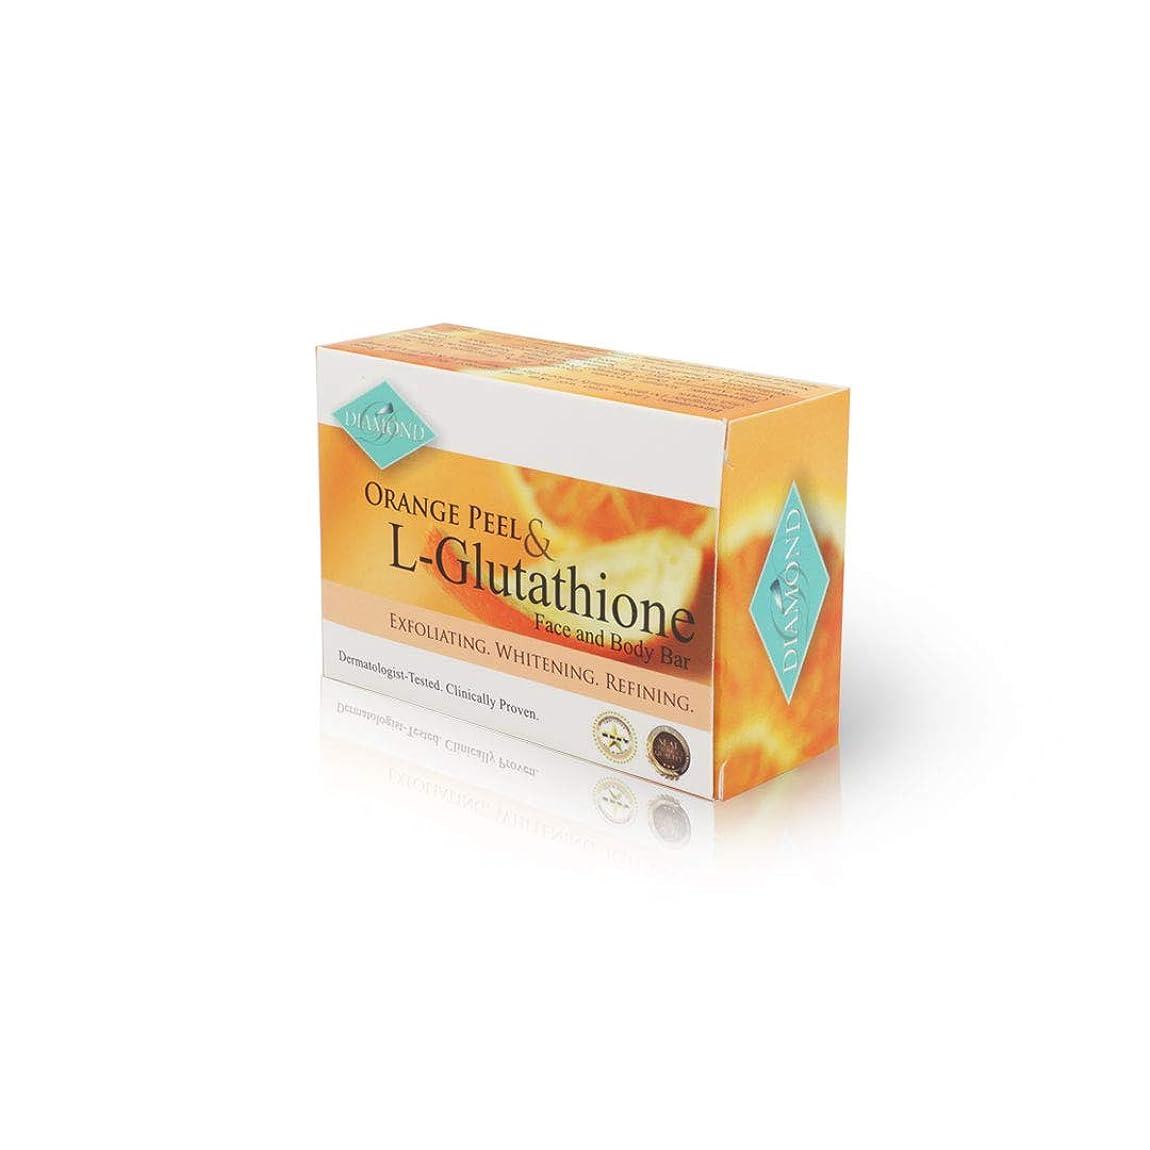 リスク観客狂ったDIAMOND ORANGE PEEL&Glutathione soap/オレンジピール&グルタチオン配合ソープ(美容石けん) 150g 正規輸入品 Harmony & Wellness Japan distributor! Exclusive contract with manufacturer